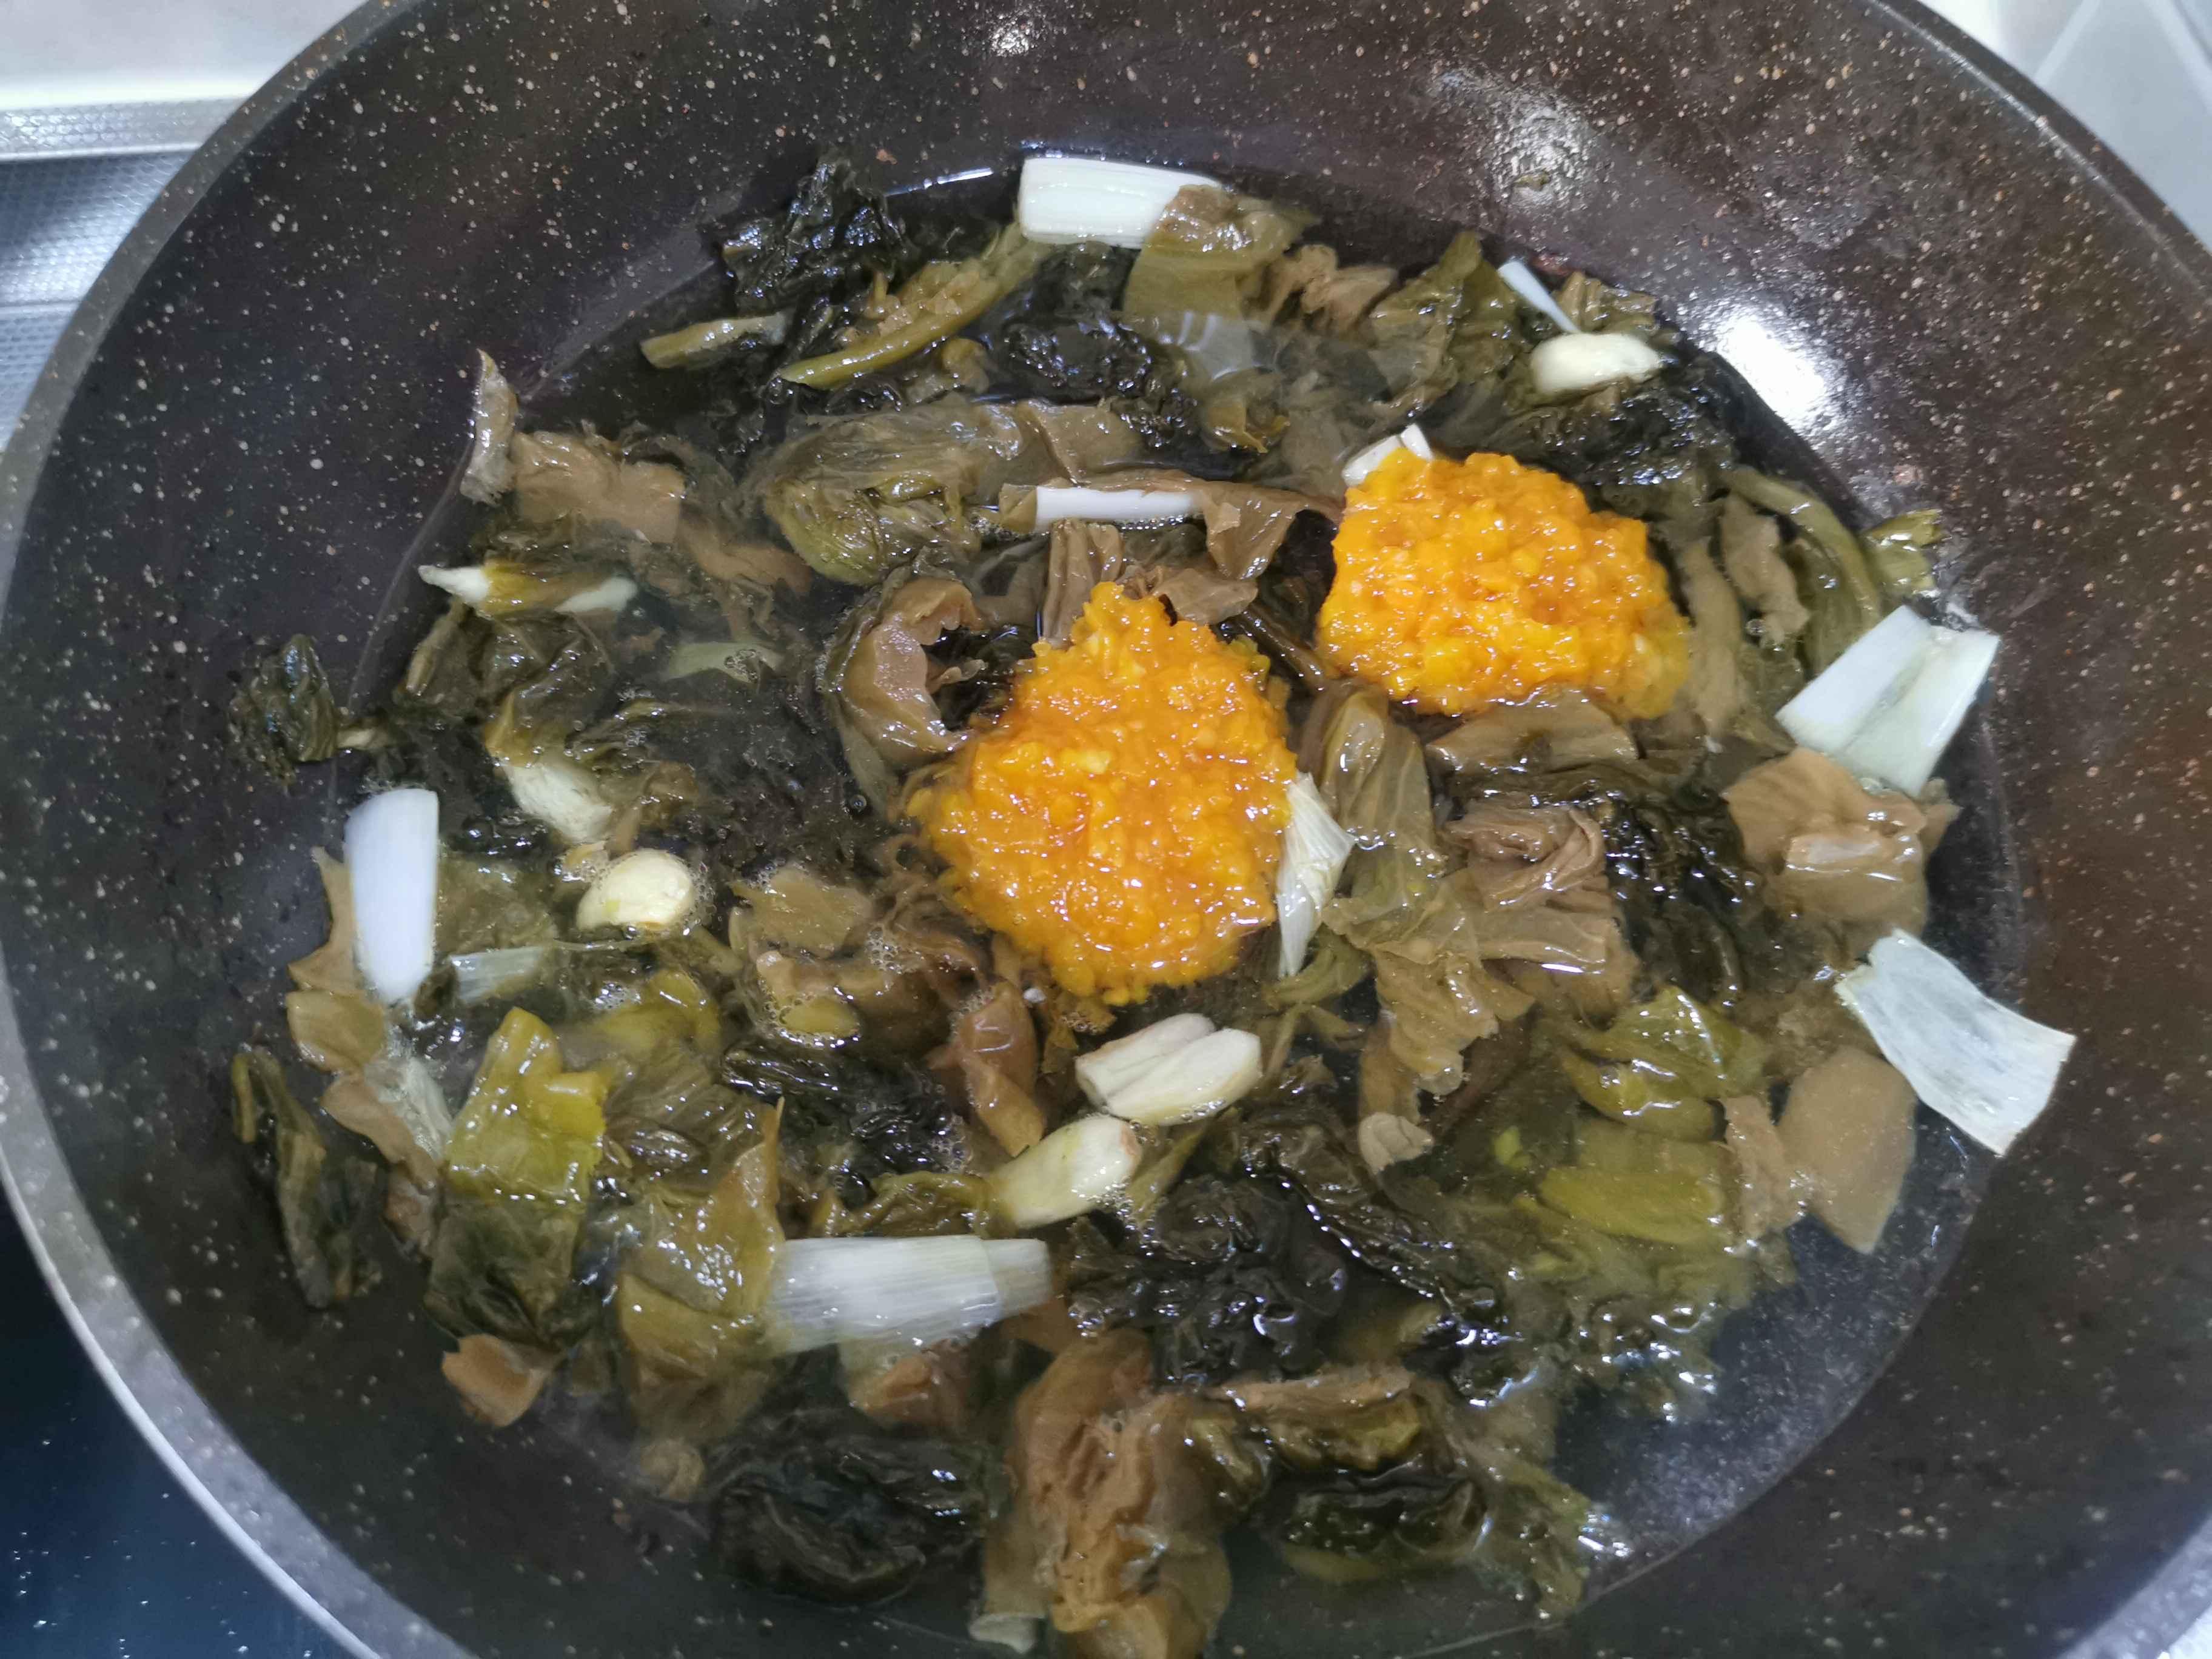 能吃两碗饭的创新酸菜鱼怎么炒